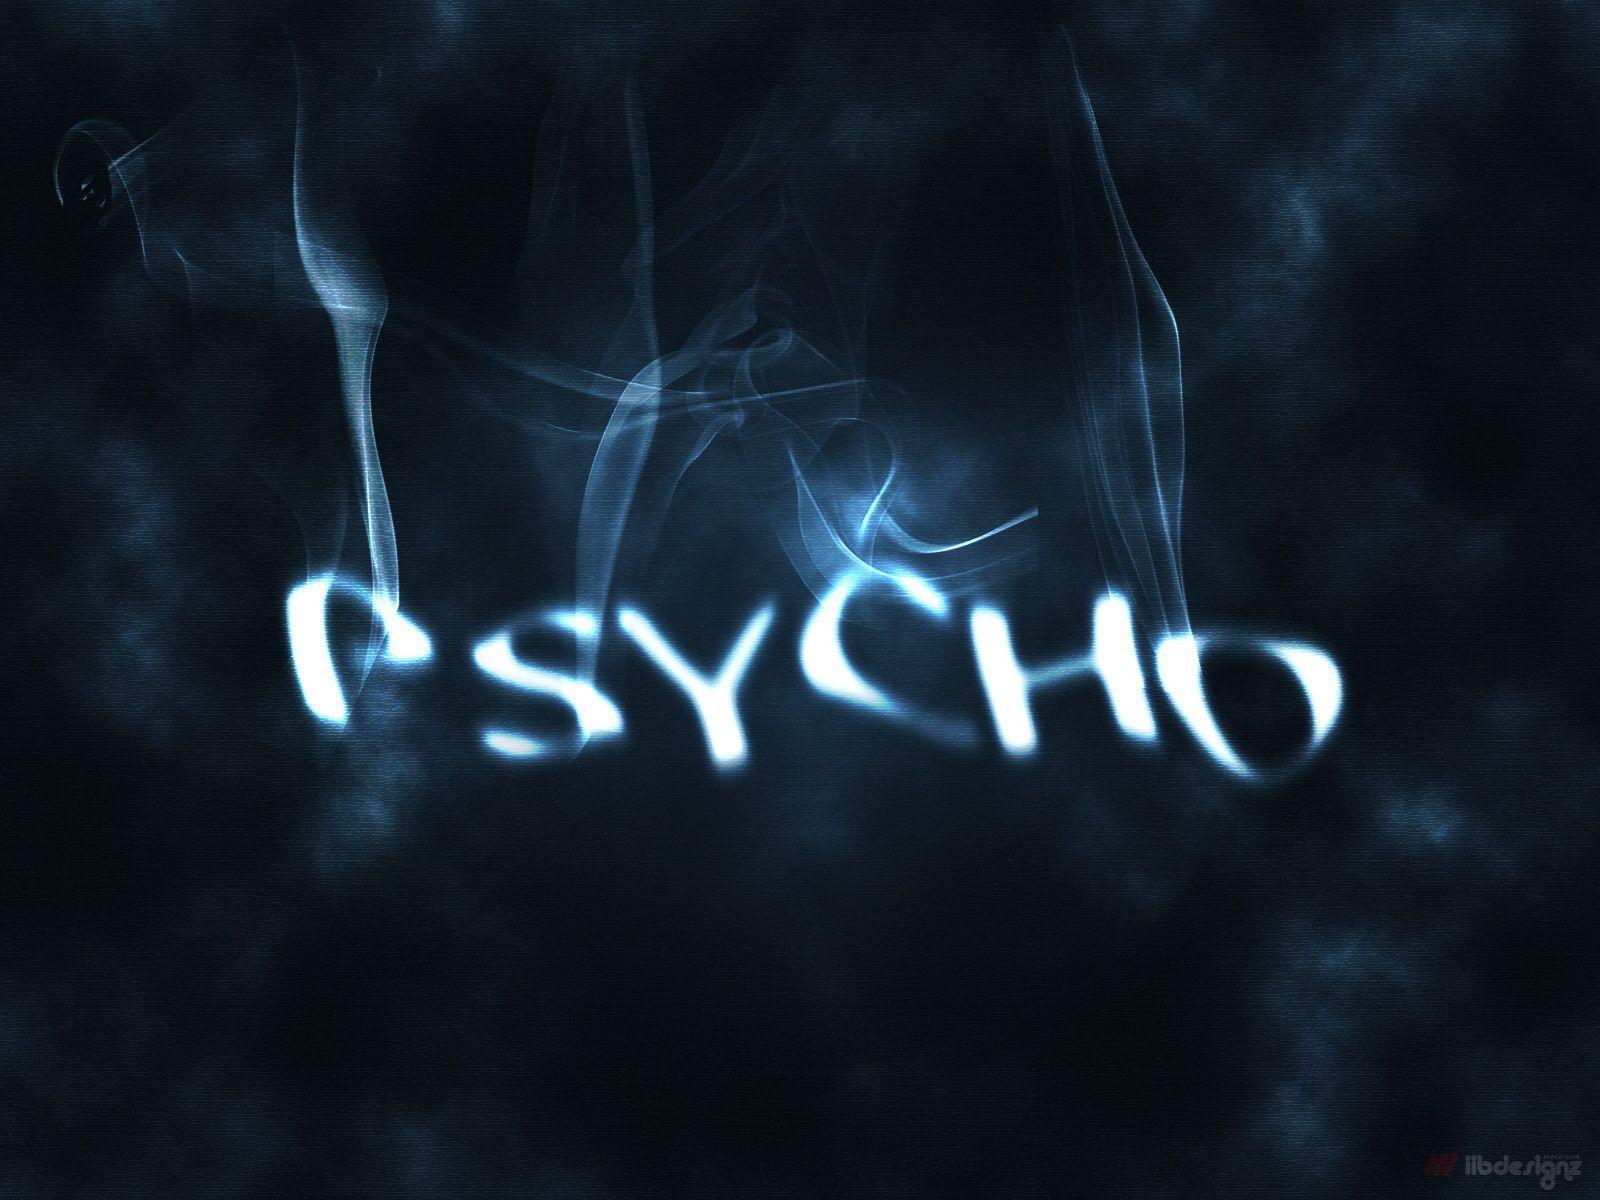 internet dating psychos website backgrounds